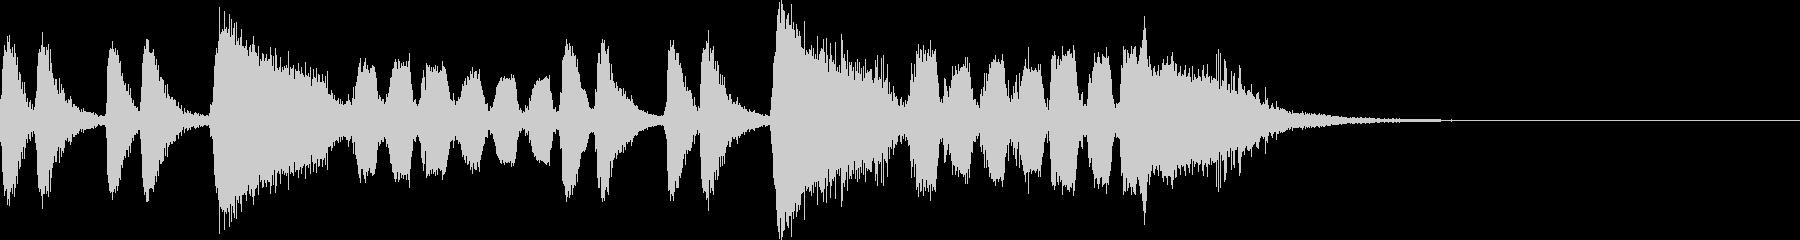 ヒーロー登場曲~金管楽器とサックス~の未再生の波形